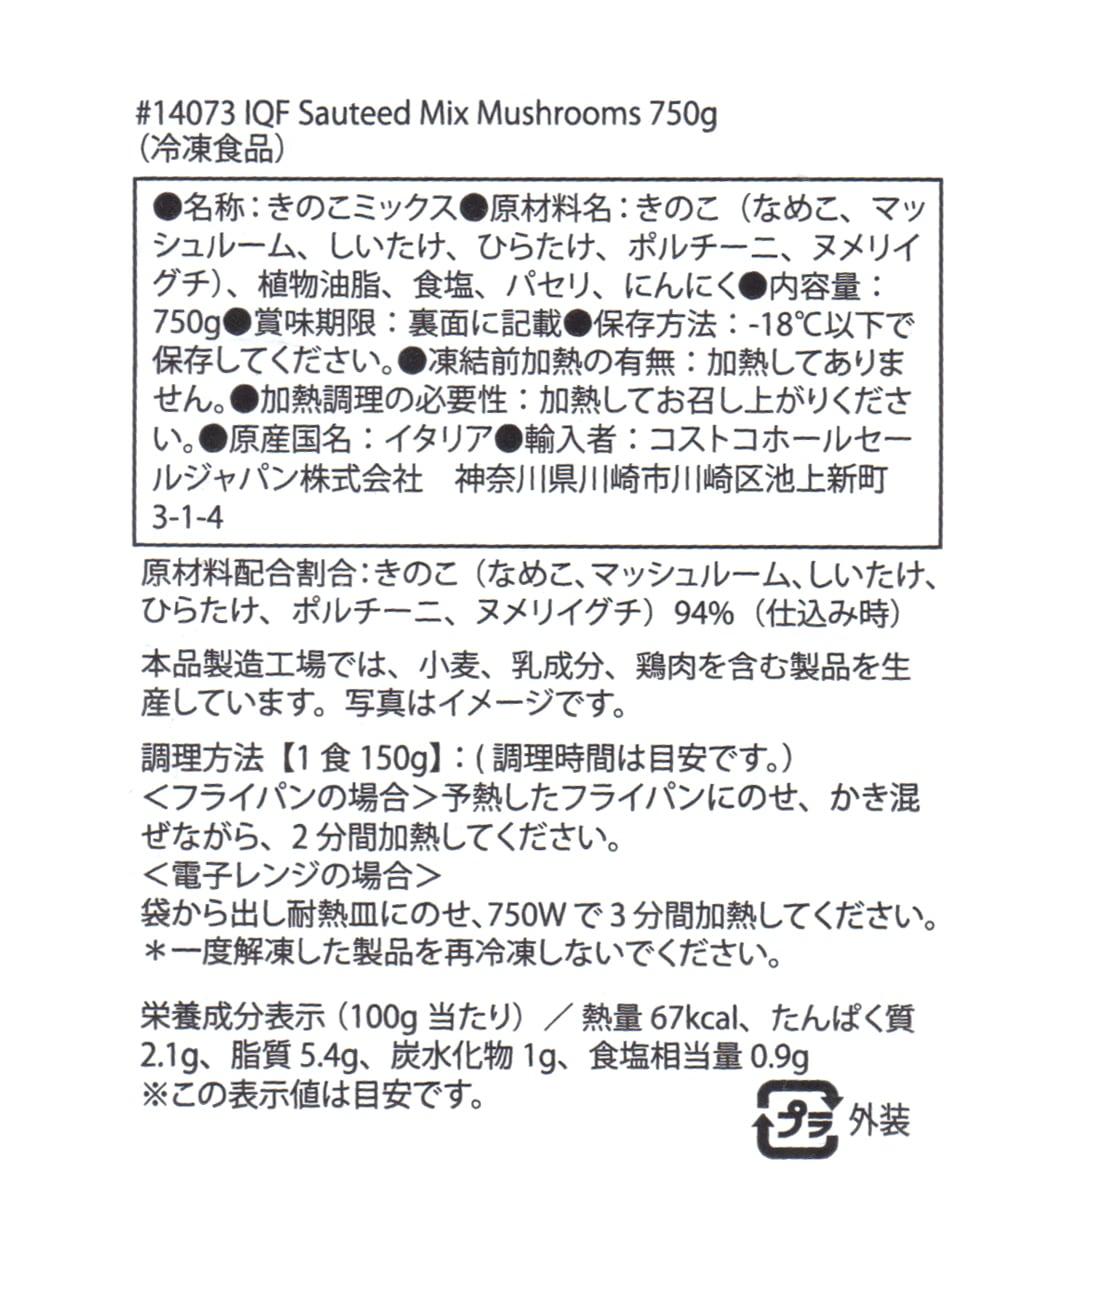 CUCINA Sartor(クチーナサルトル) マッシュルームミックス 750g 裏面ラベル(原材料・カロリーほか)